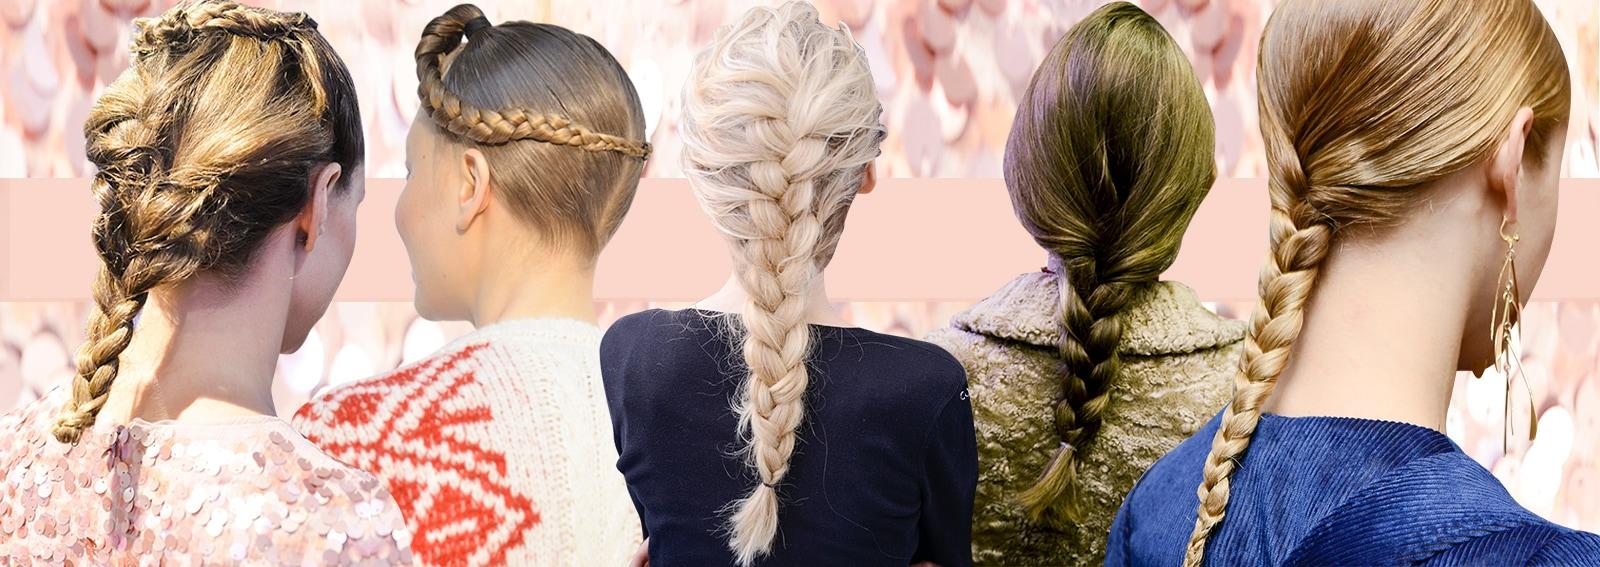 trecce tendenza capelli autunno inverno 2016 2017 collage_desktop